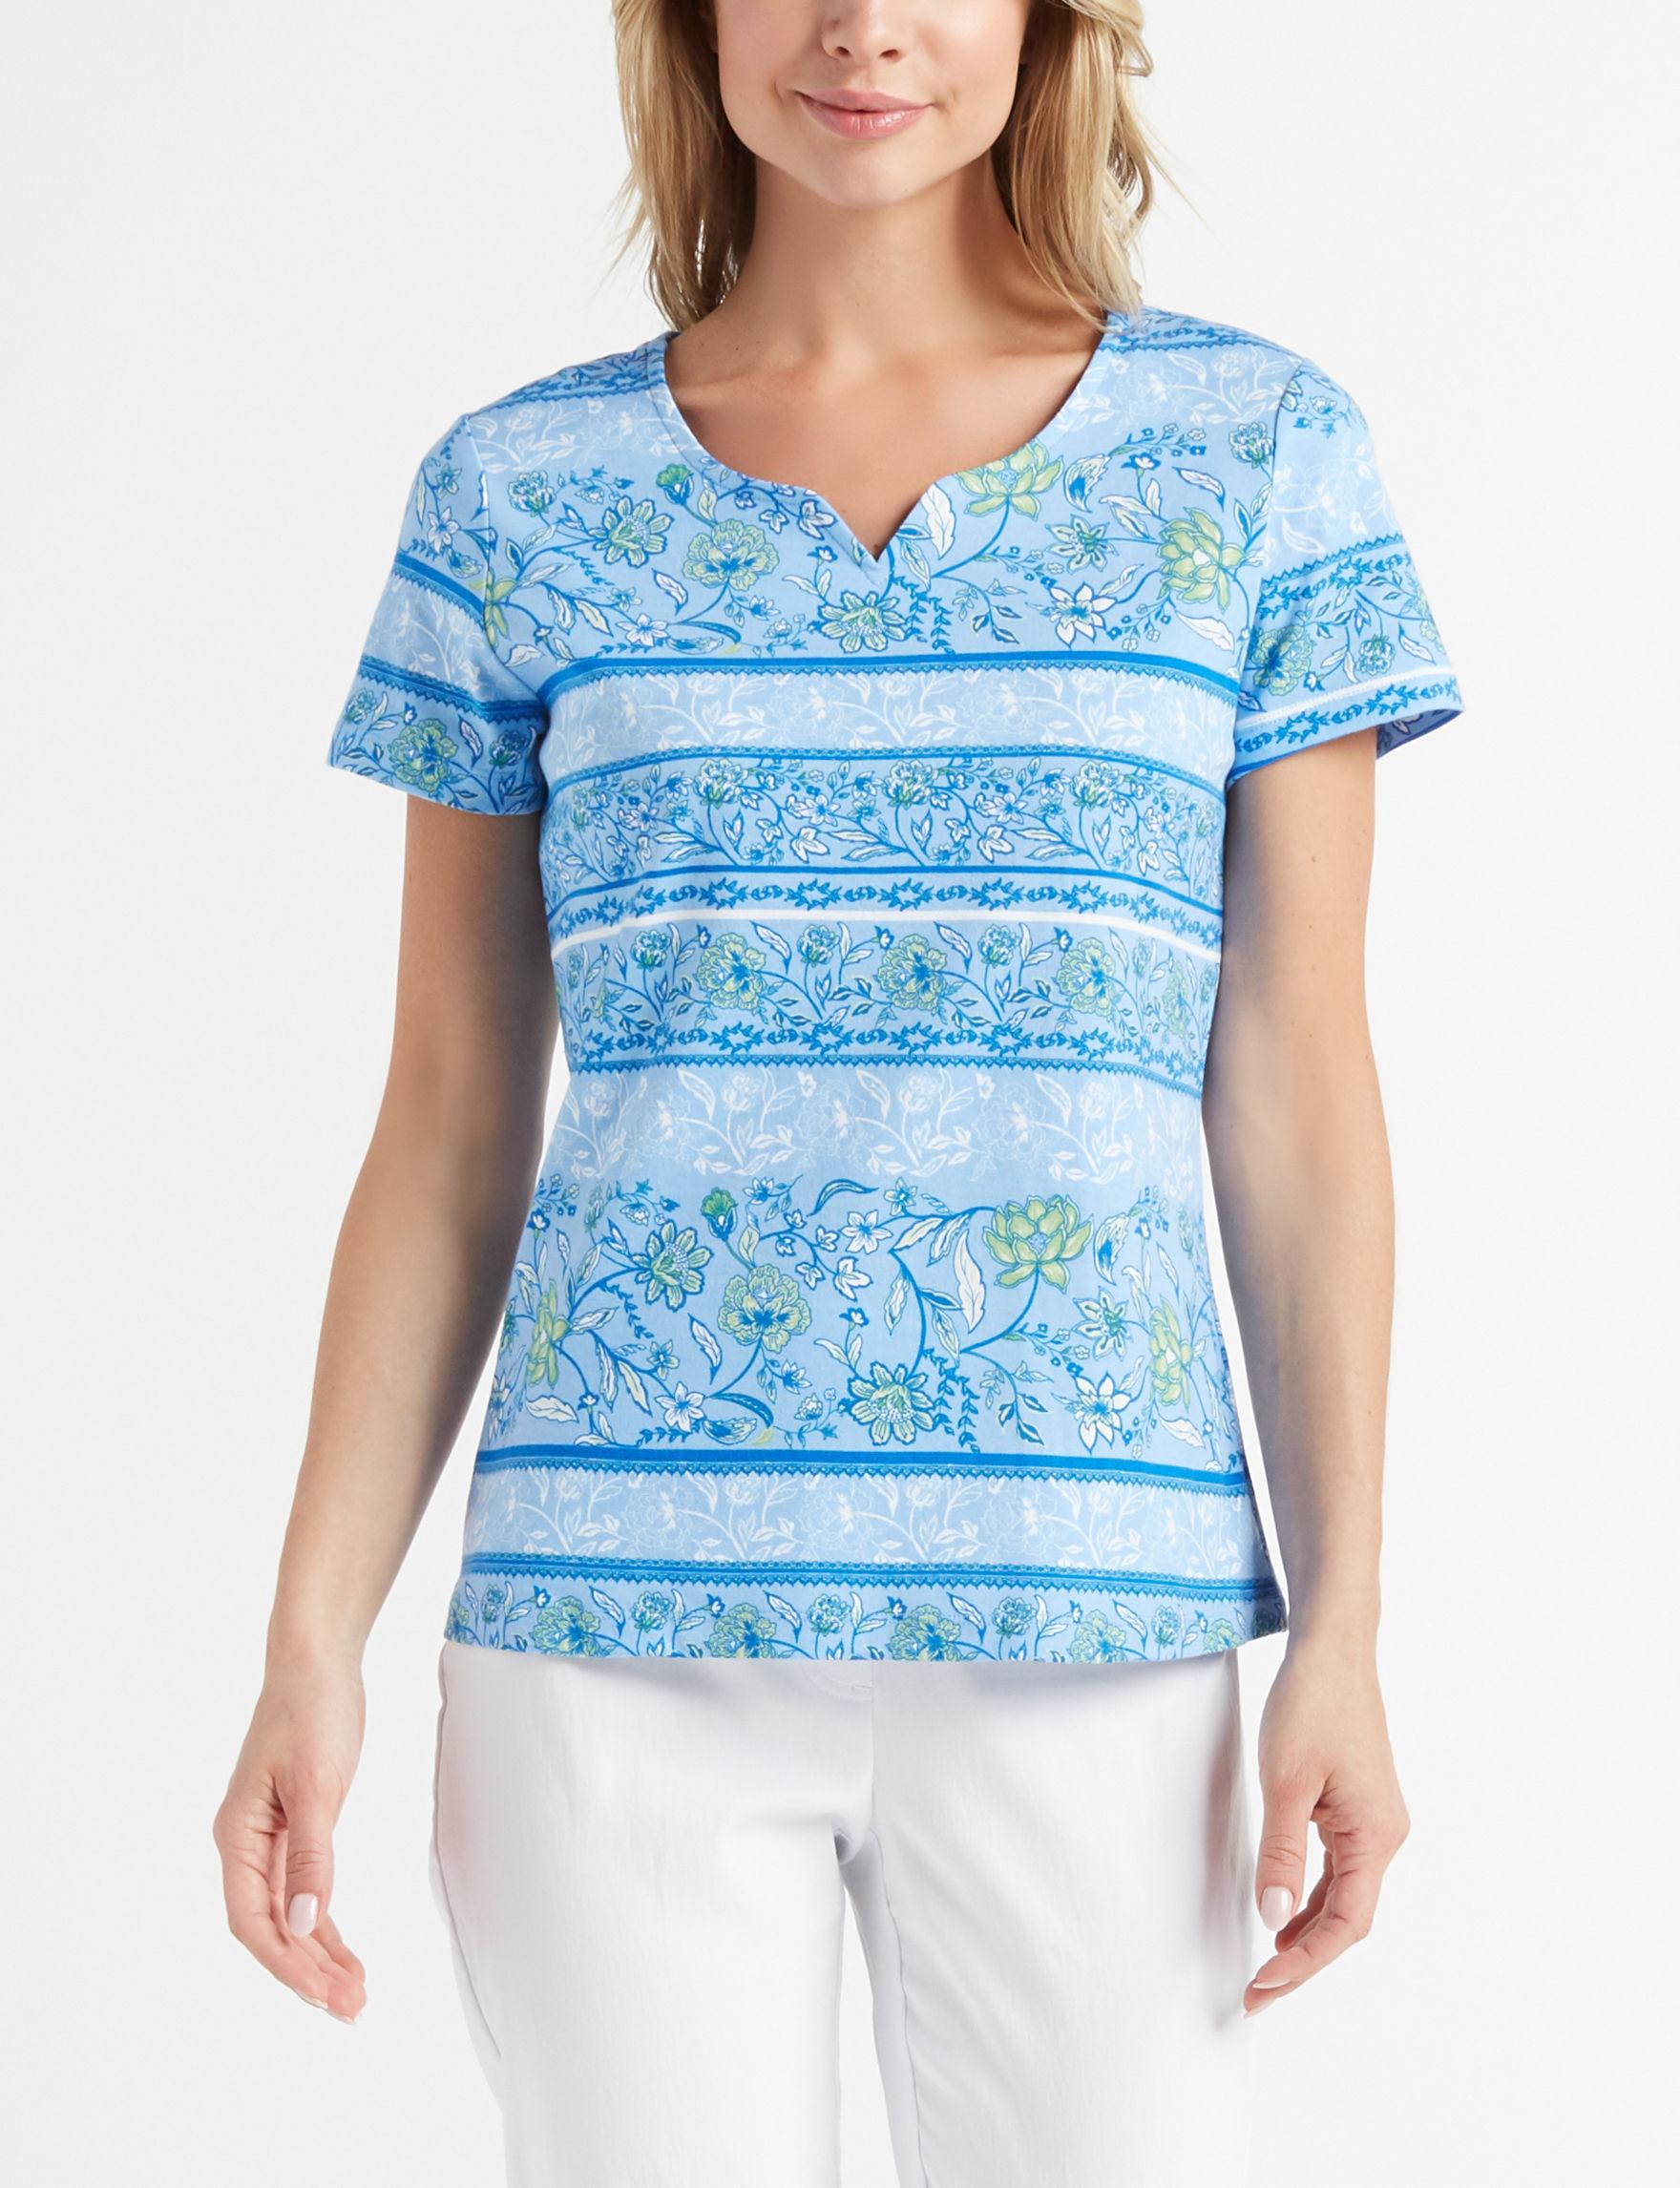 Rebecca Malone Blue Multi Shirts & Blouses Tees & Tanks